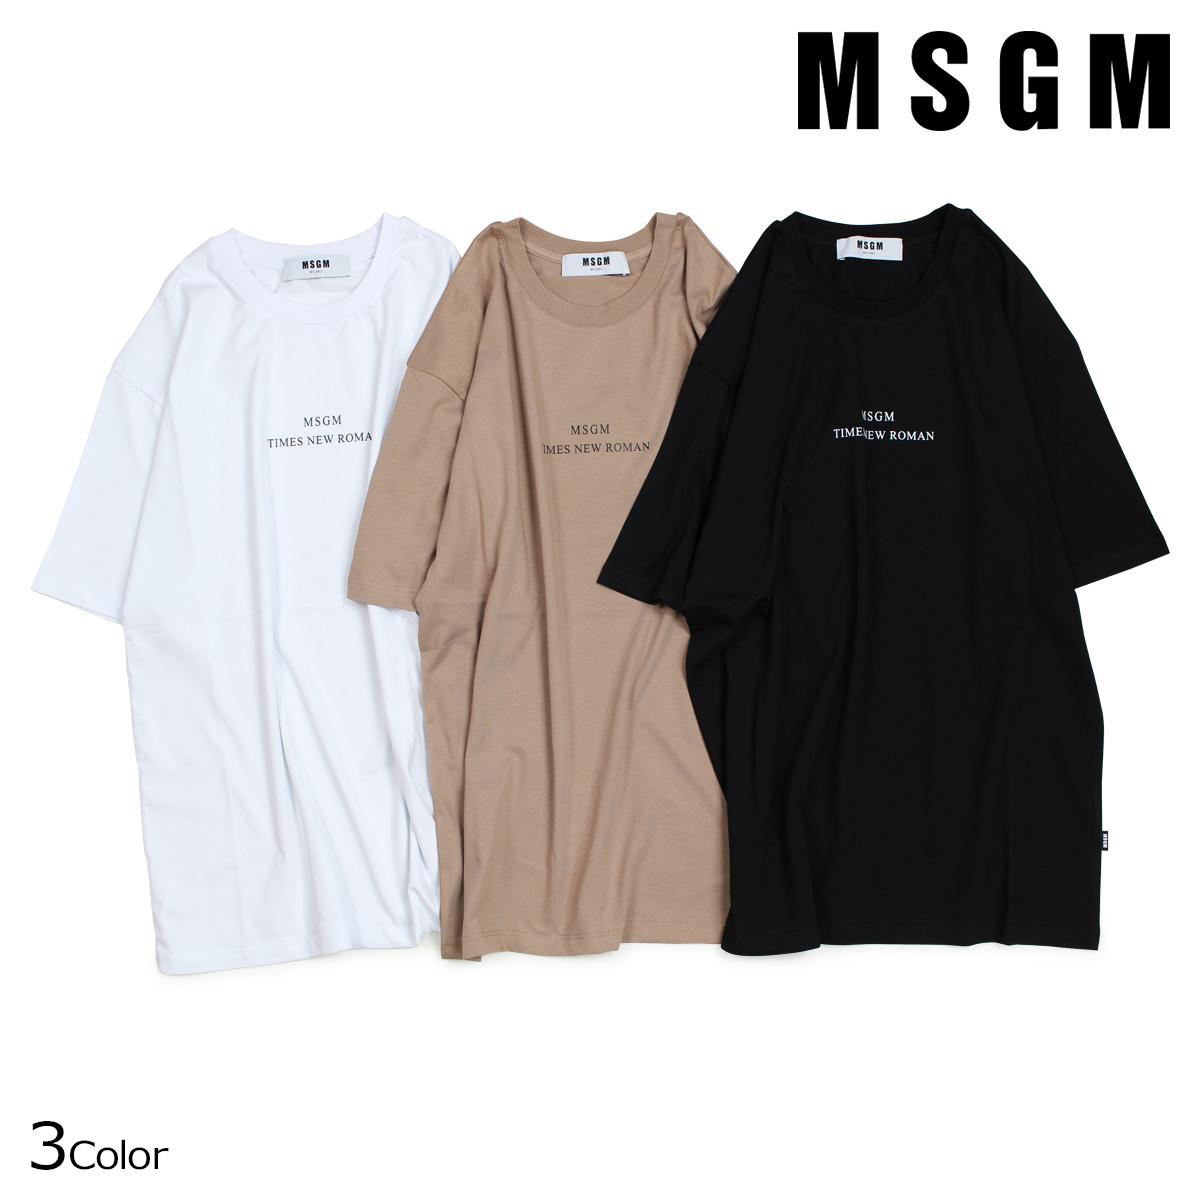 エムエスジーエム MSGM Tシャツ メンズ 半袖 TIMES NEW ROMAN PRINT T-SHIRT ブラック ホワイト ベージュ 2540MM103 184798